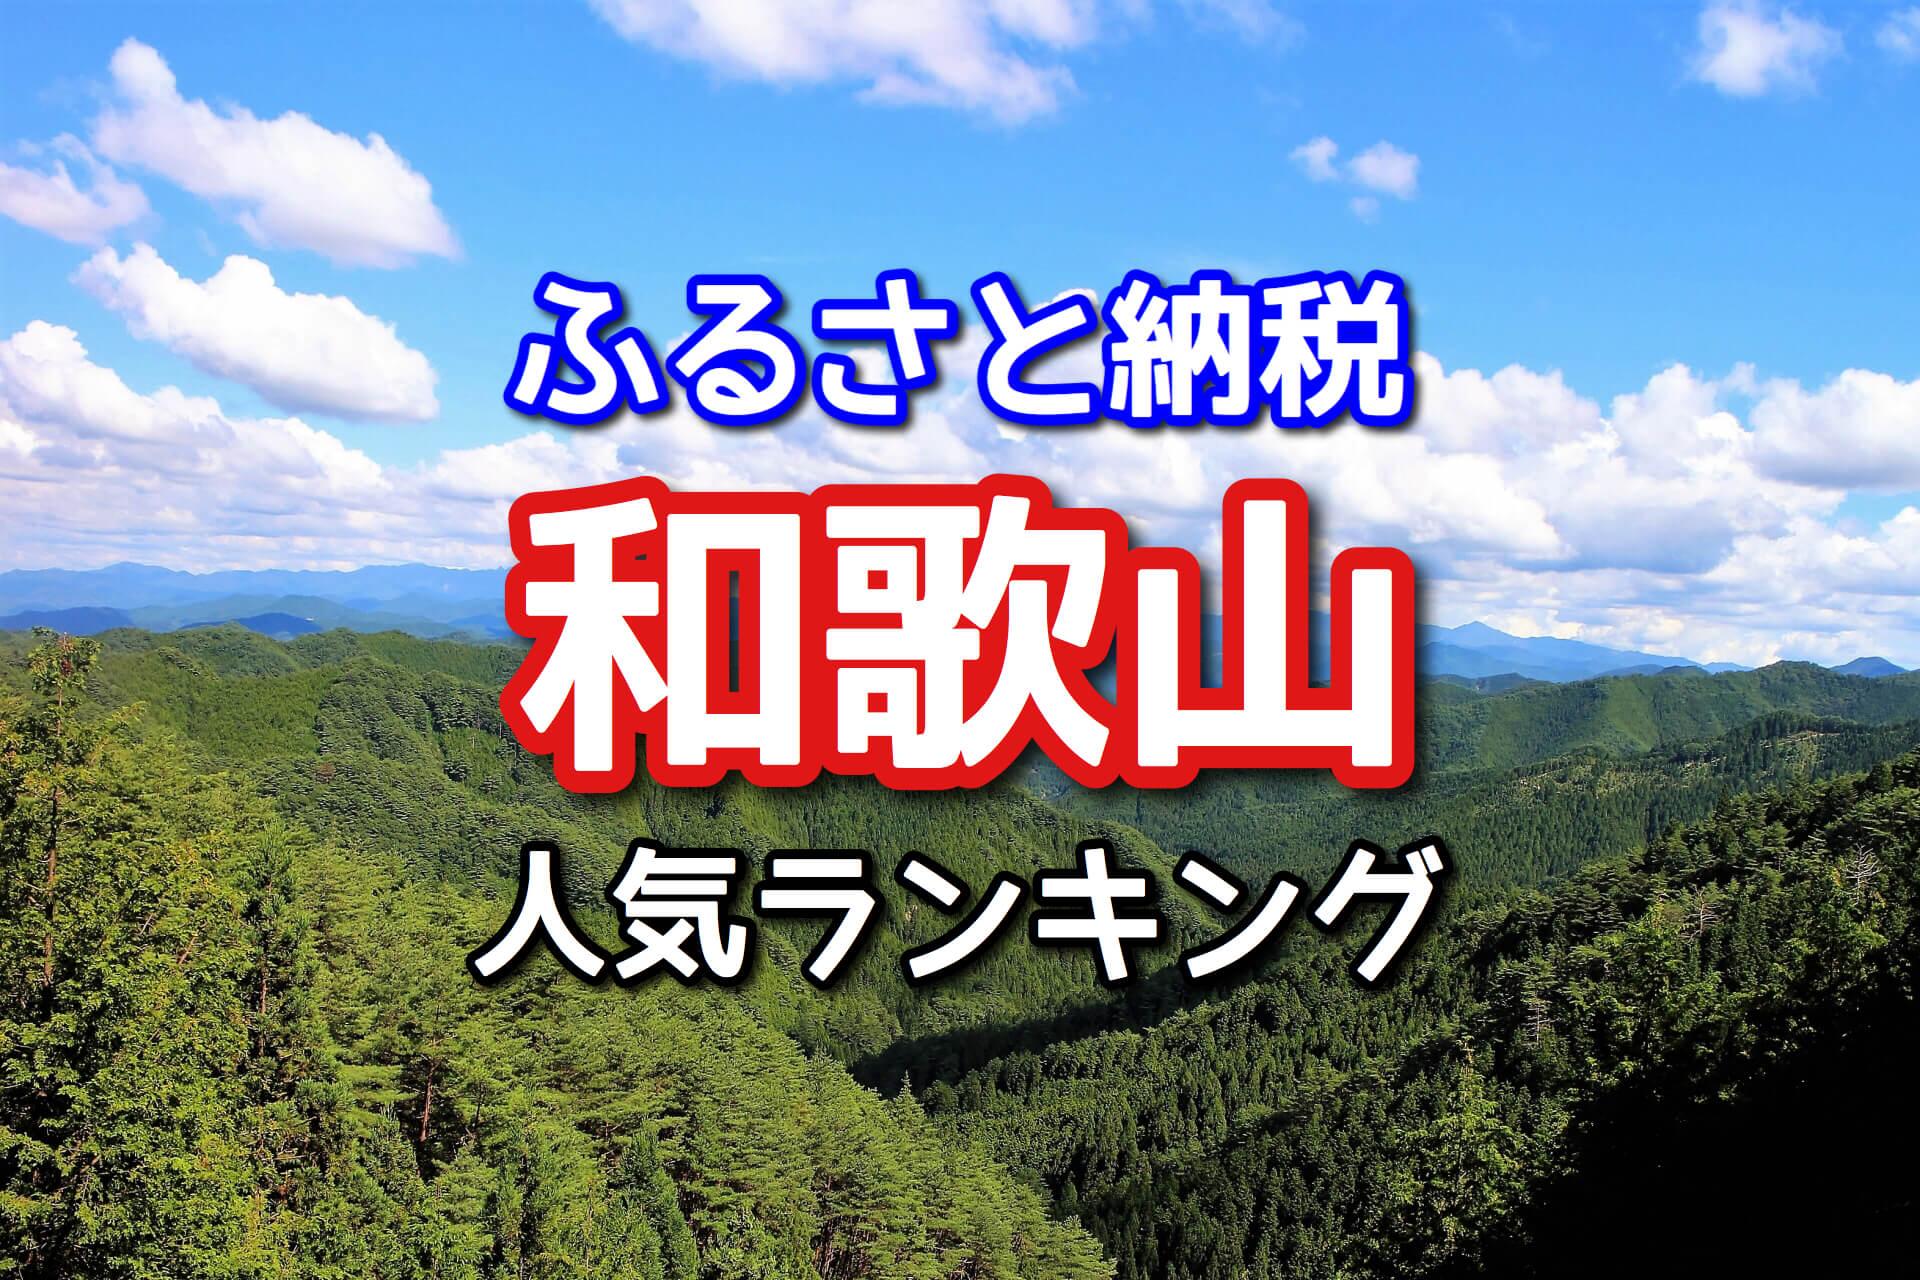 【ふるさと納税】和歌山のおすすめ返礼品10選!人気ランキング2018